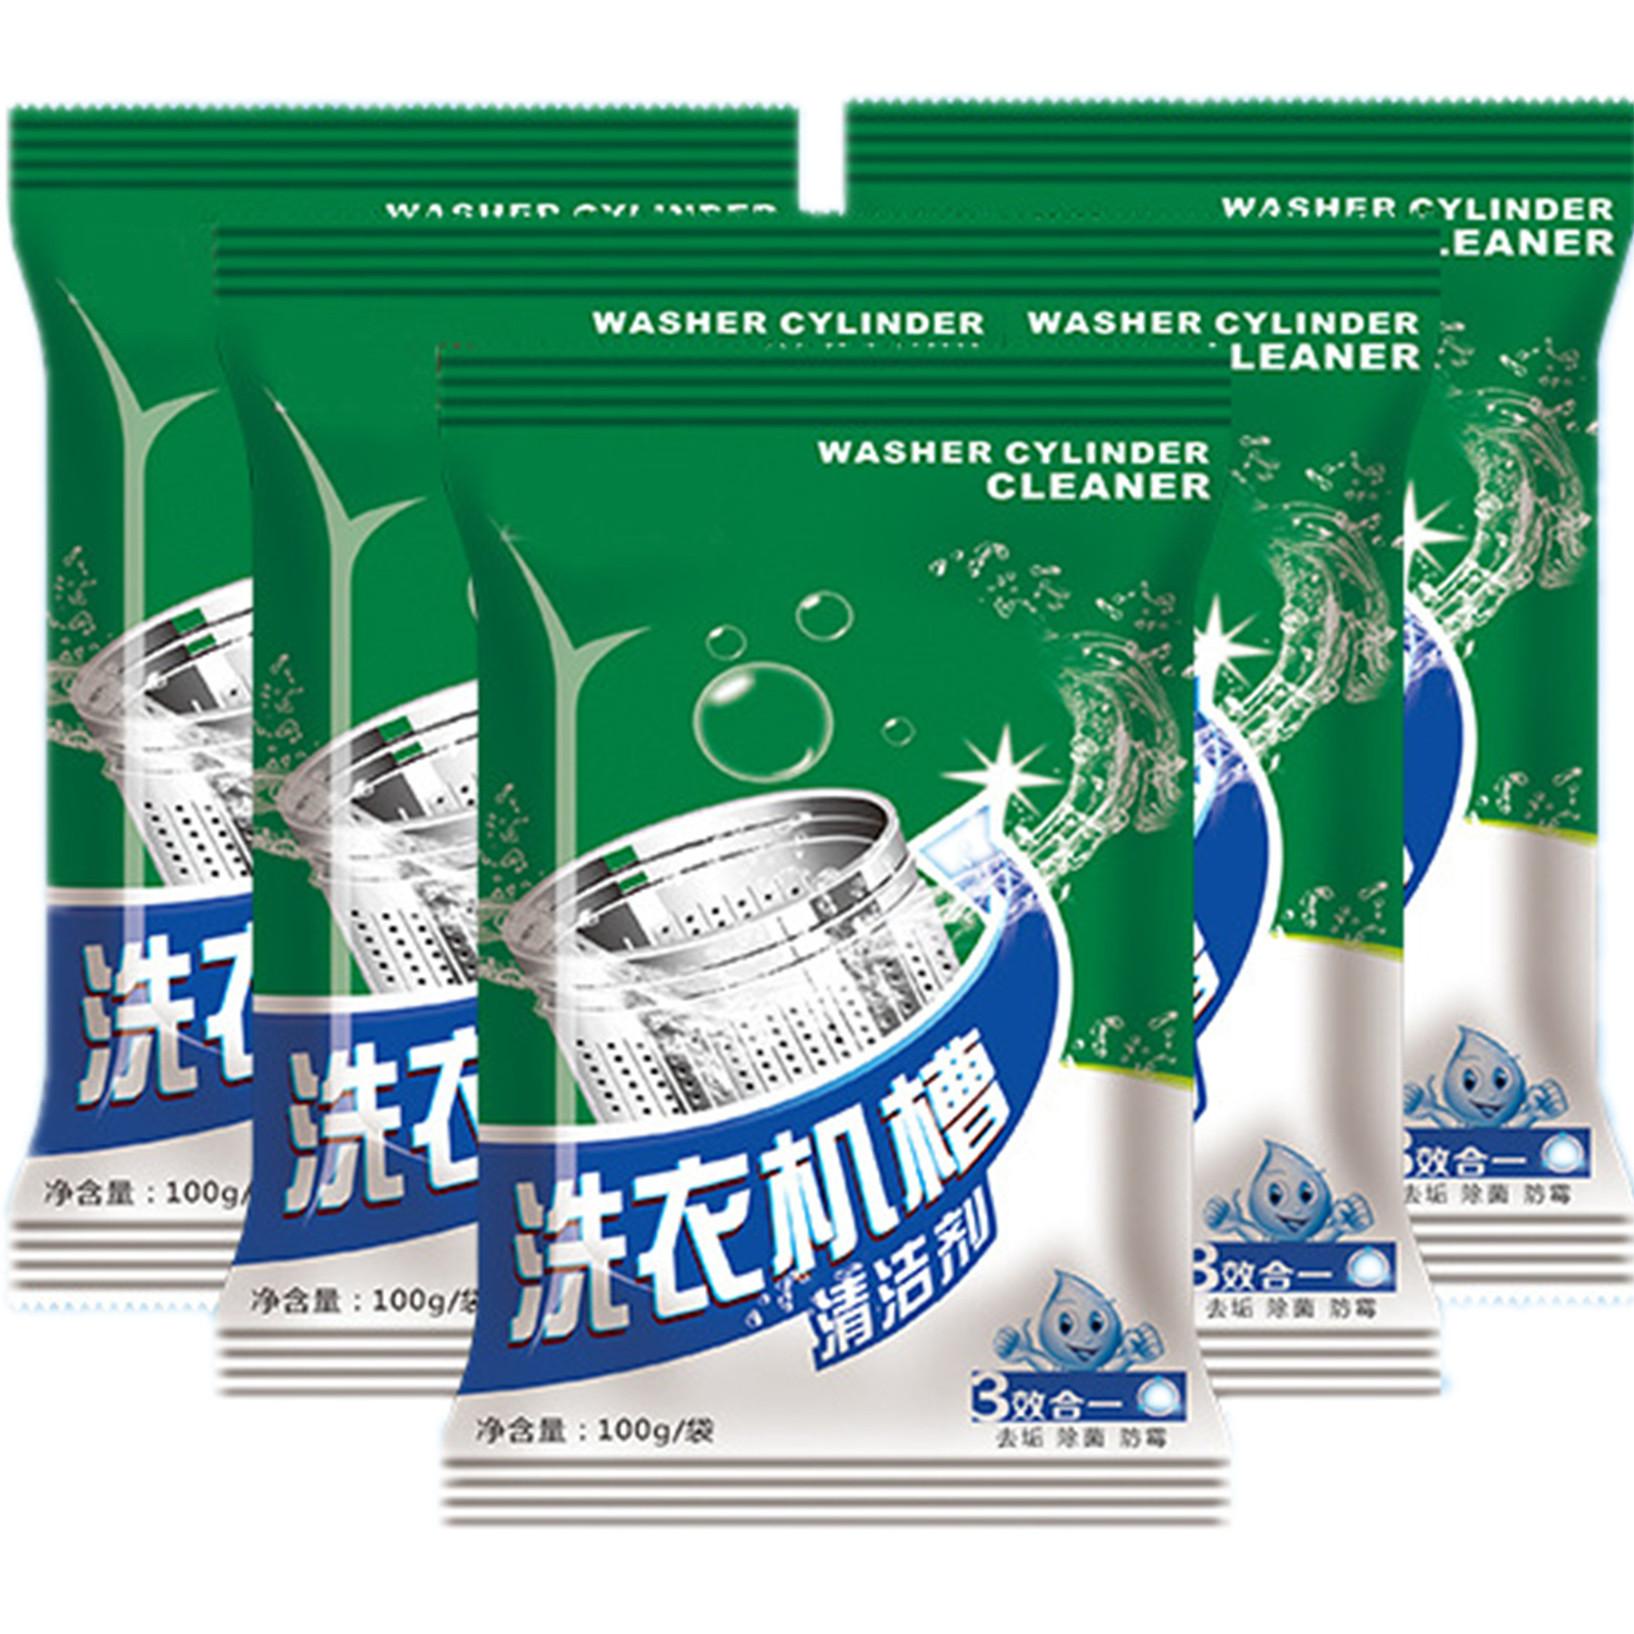 洗衣机槽清洁剂清洗剂全自动滚筒内筒波轮除垢剂非杀菌消毒清理粉